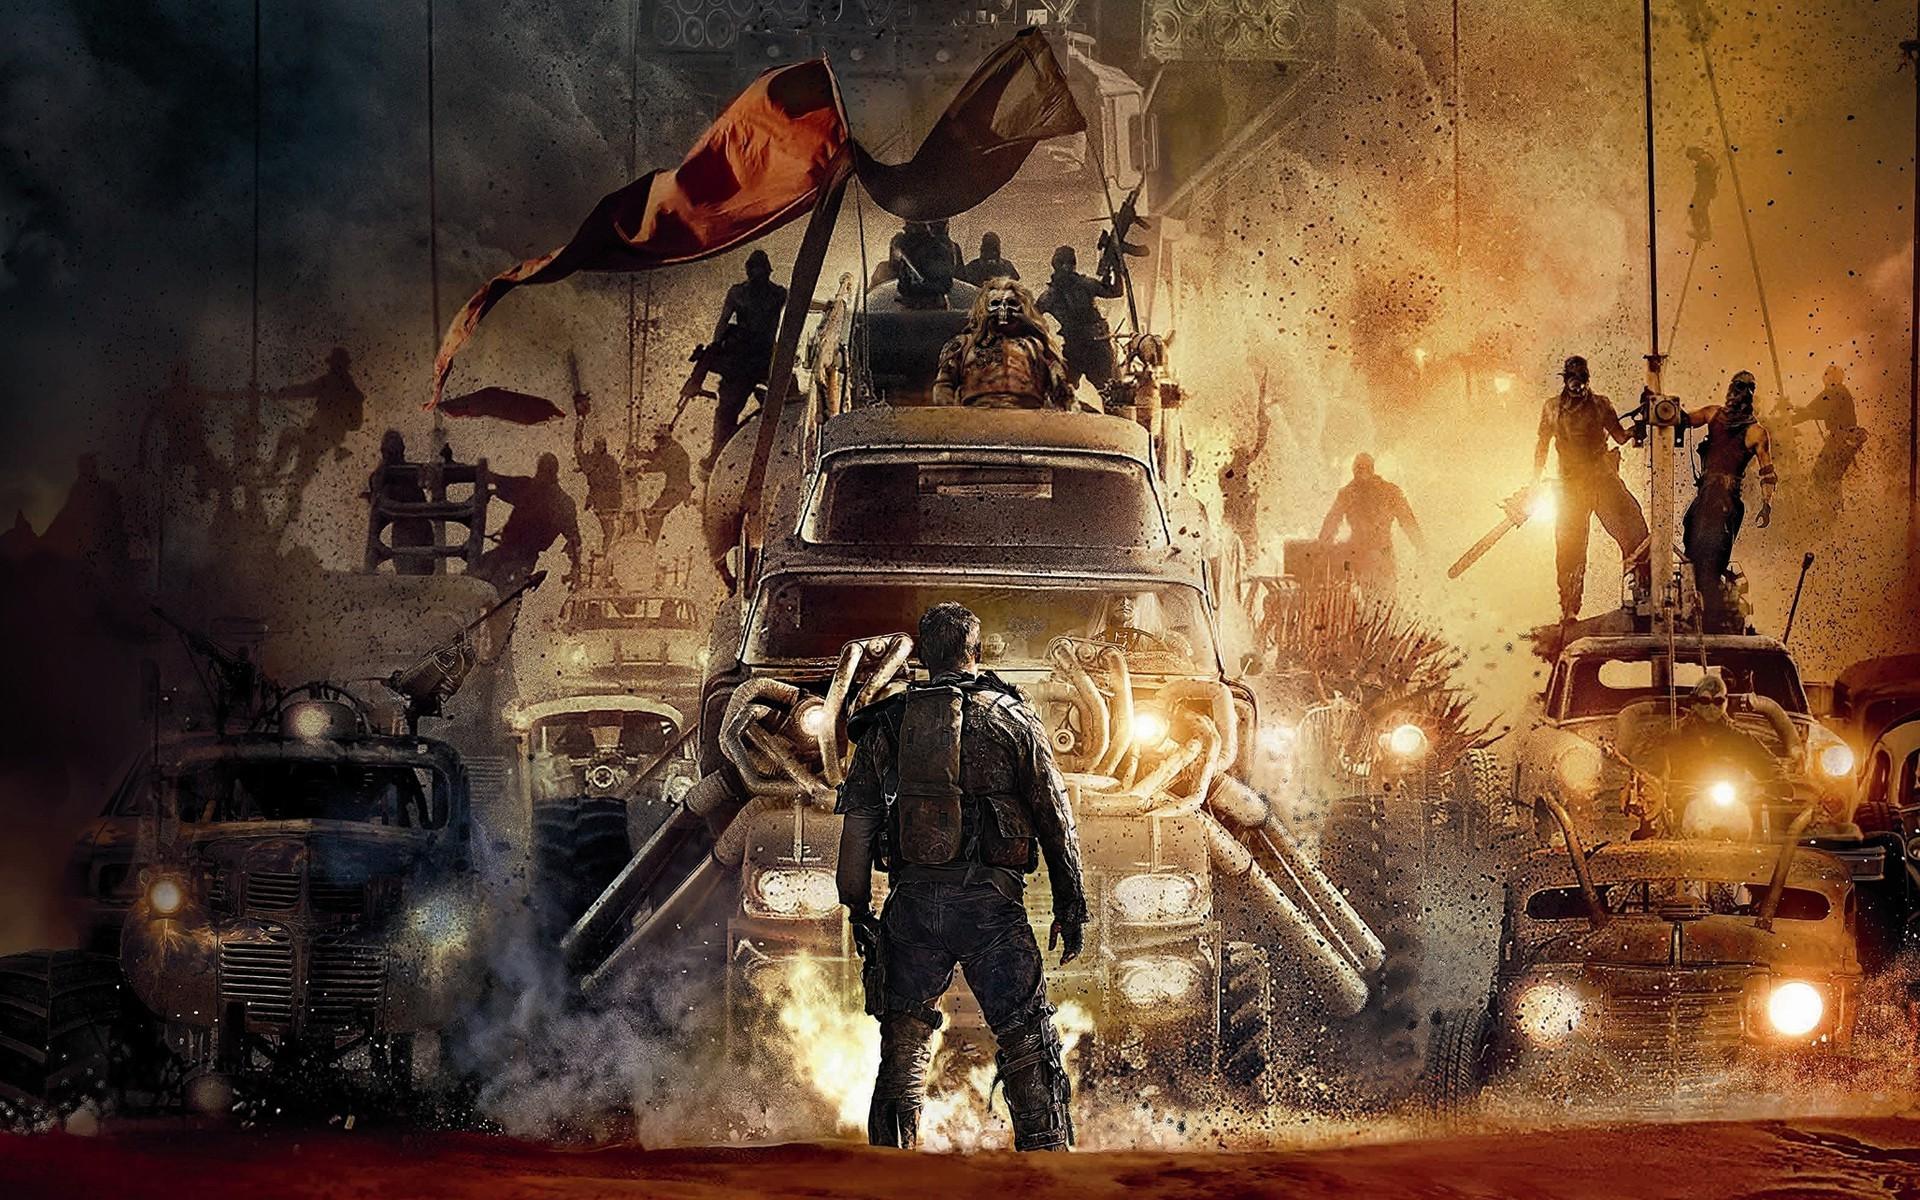 Wallpaper 1920x1200 Px Mad Max Mad Max Fury Road Movies